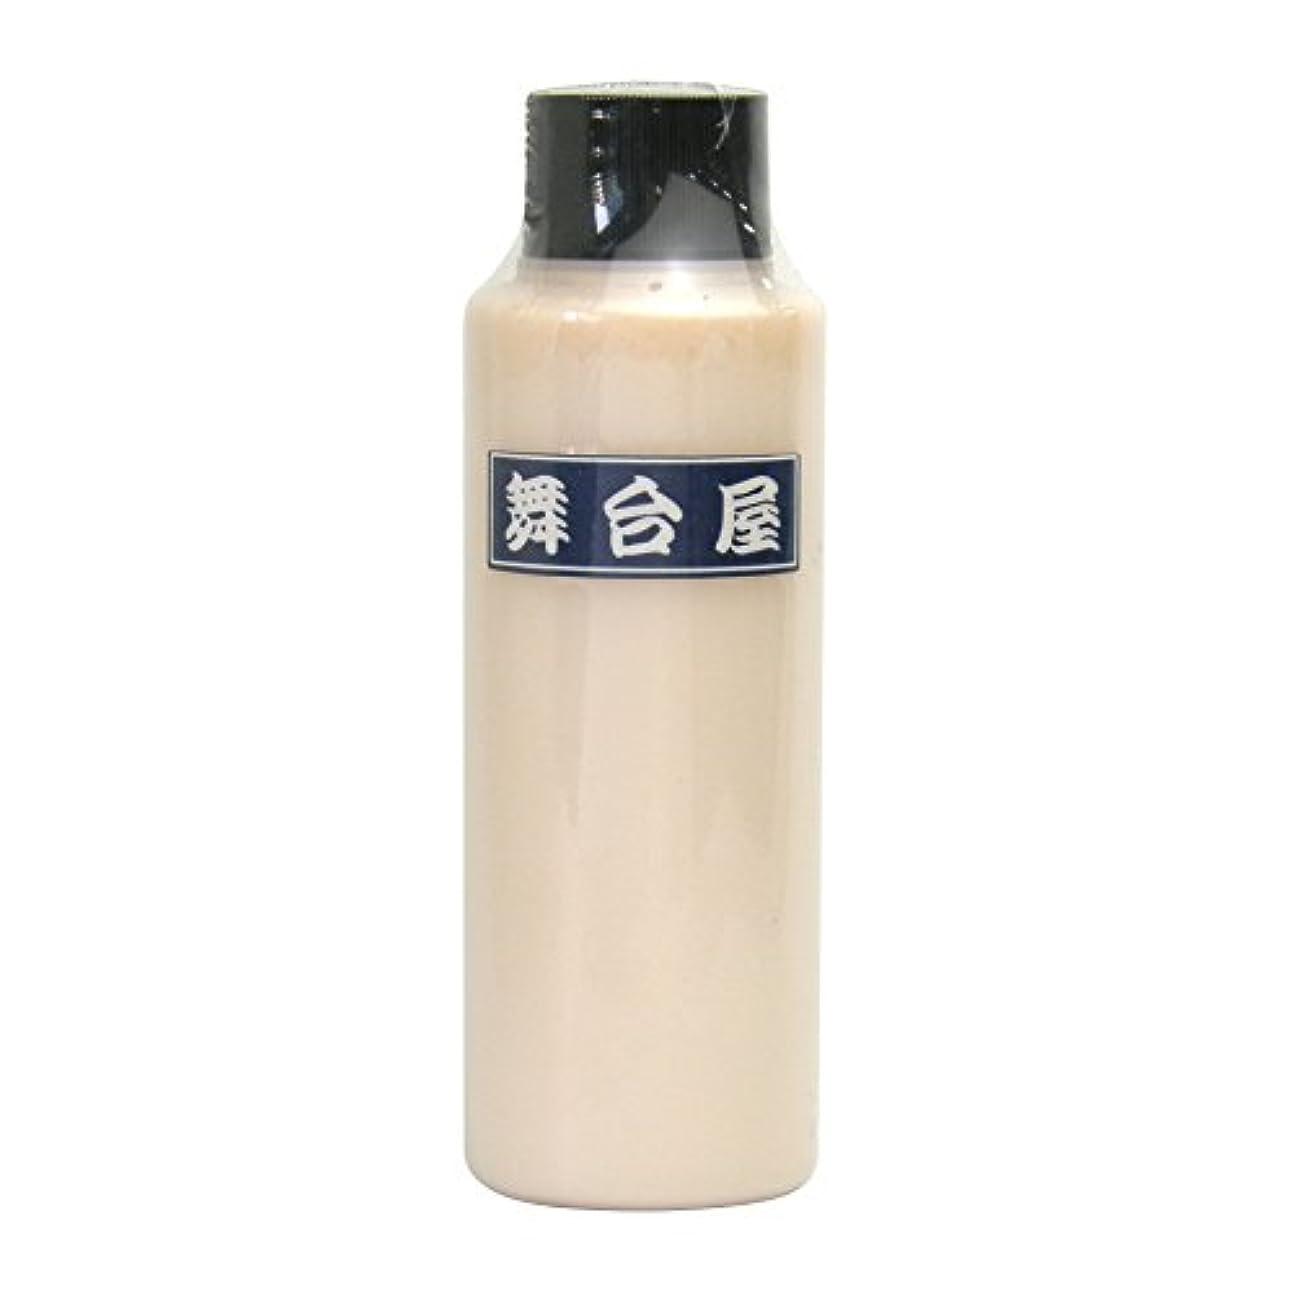 アソシエイト経過精神舞台屋 水白粉 ピンク-1